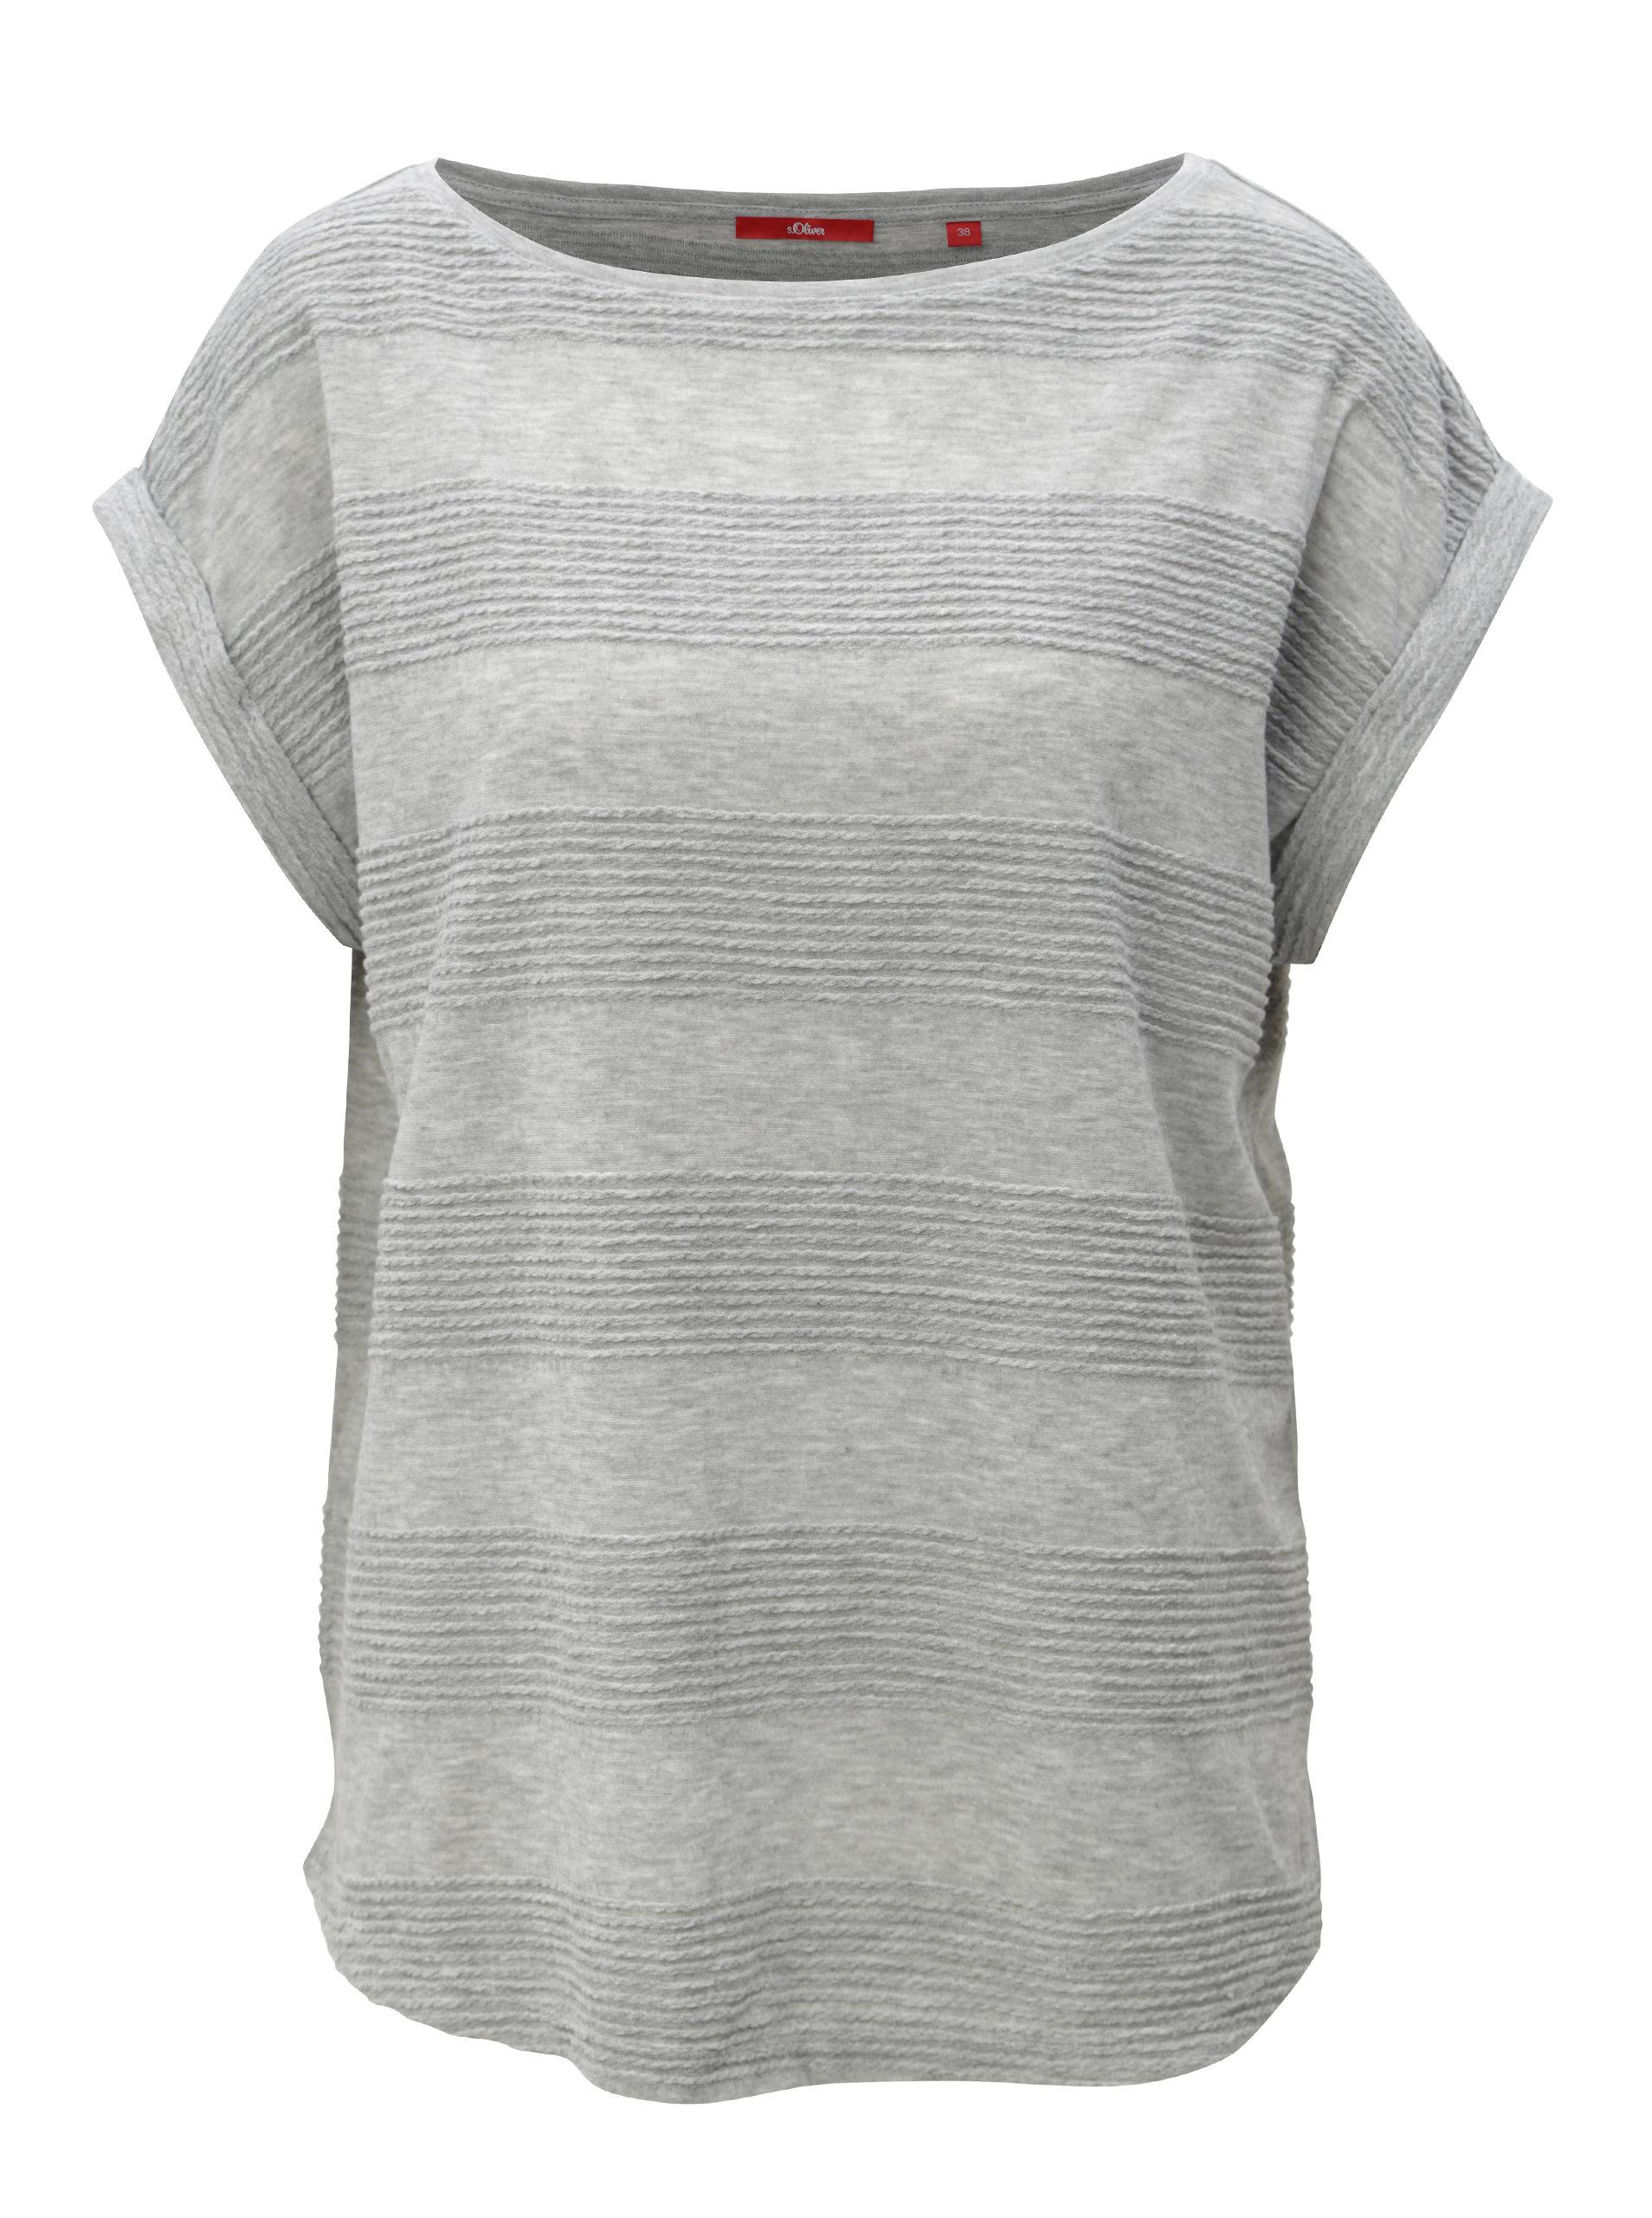 2f0a4a563f2 Sivé dámske voľné tričko s.Oliver